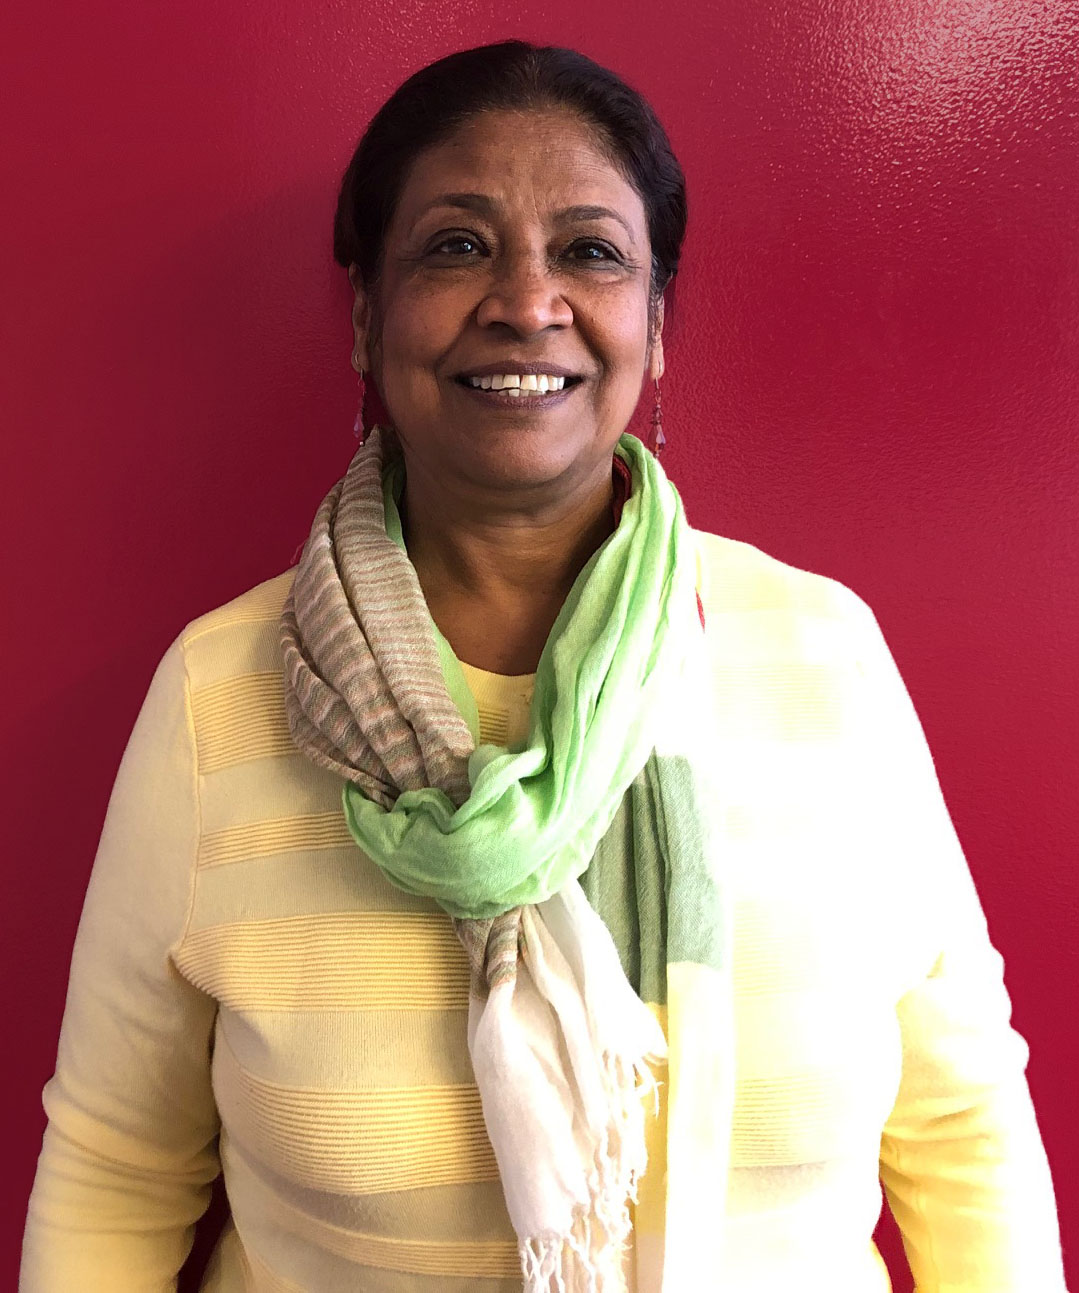 Sahana Gupta